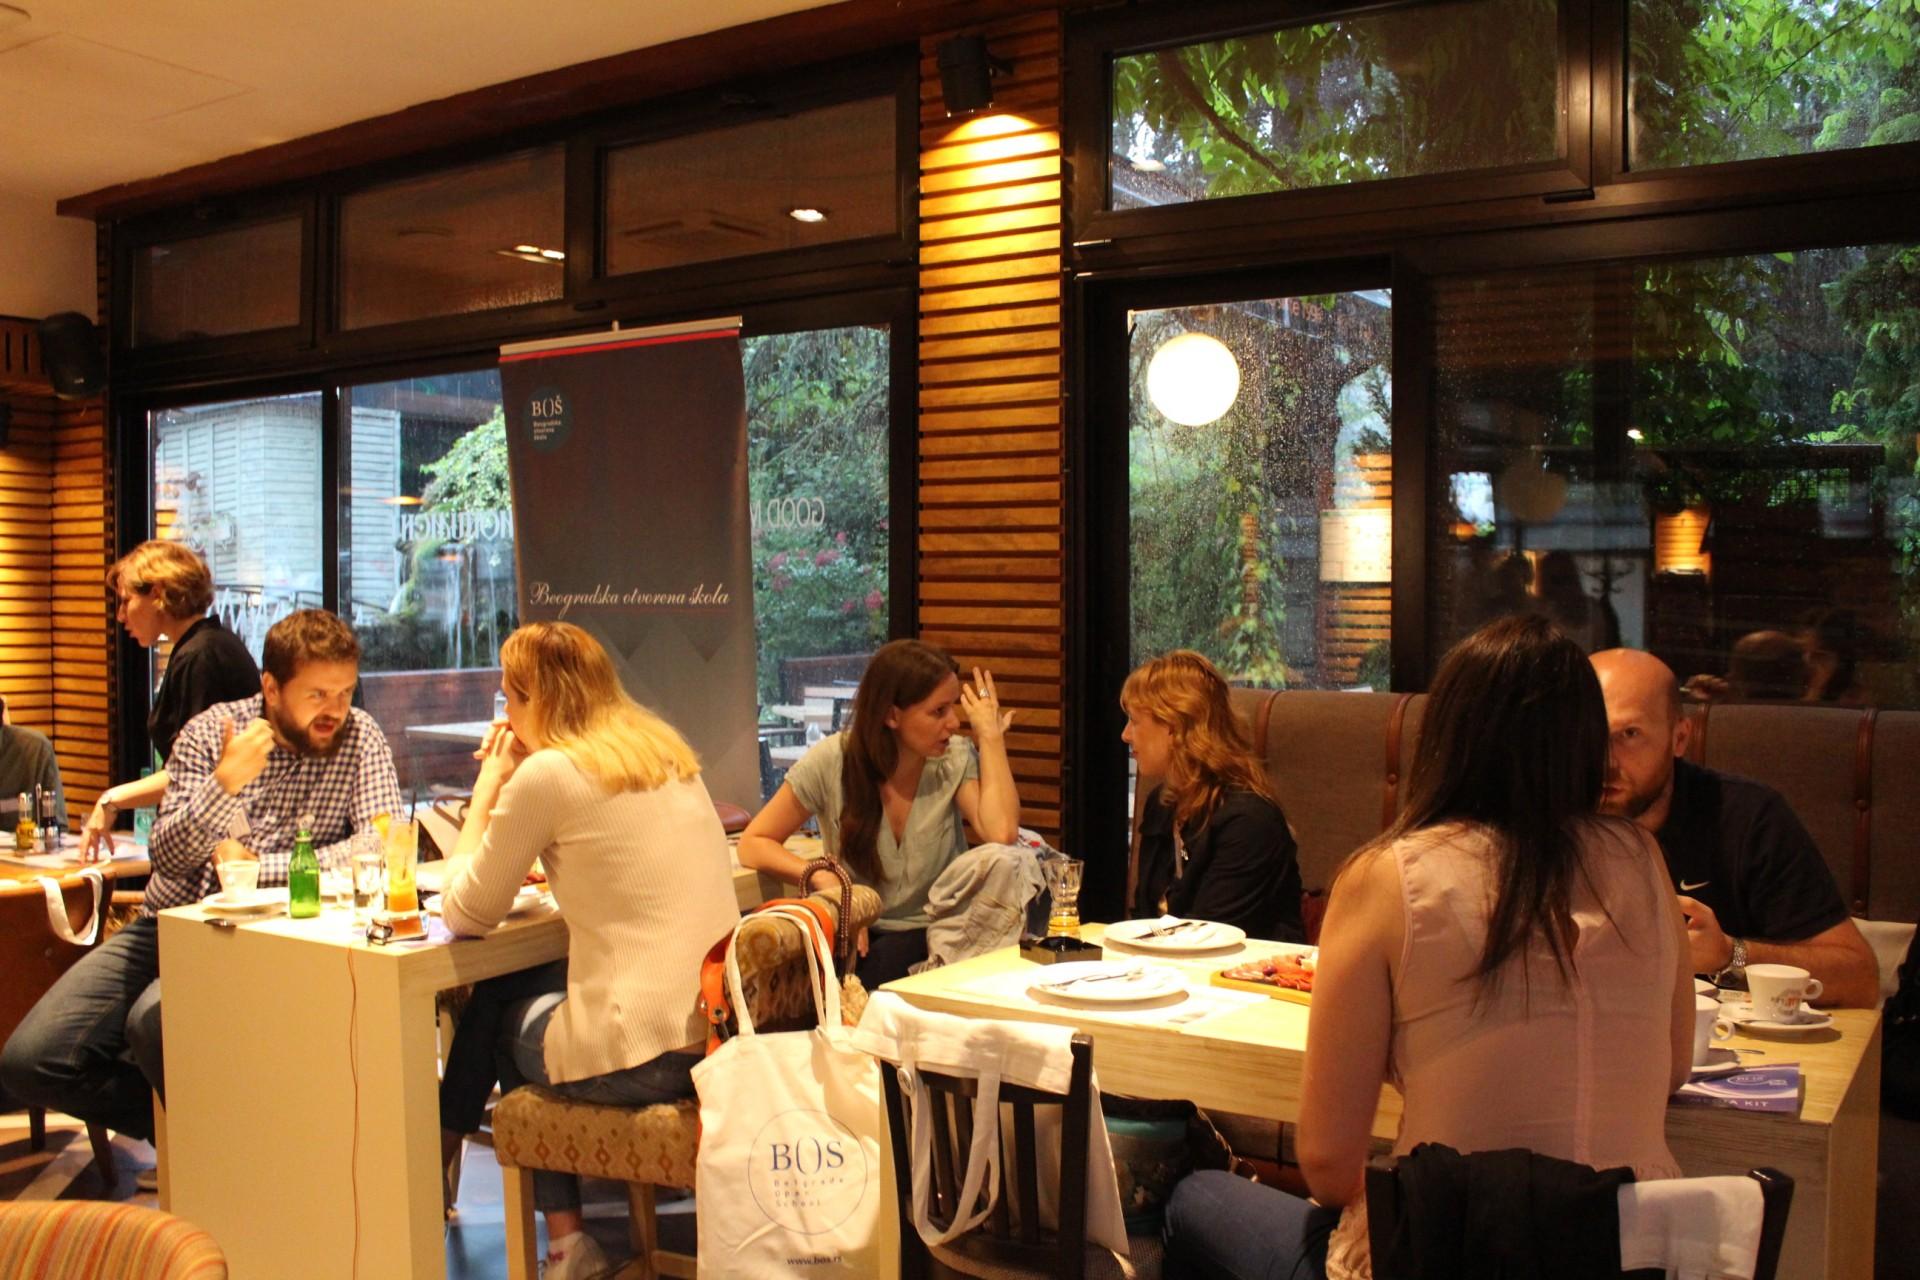 Evo kako je obeležena godišnjica Beogradske otvorene škole